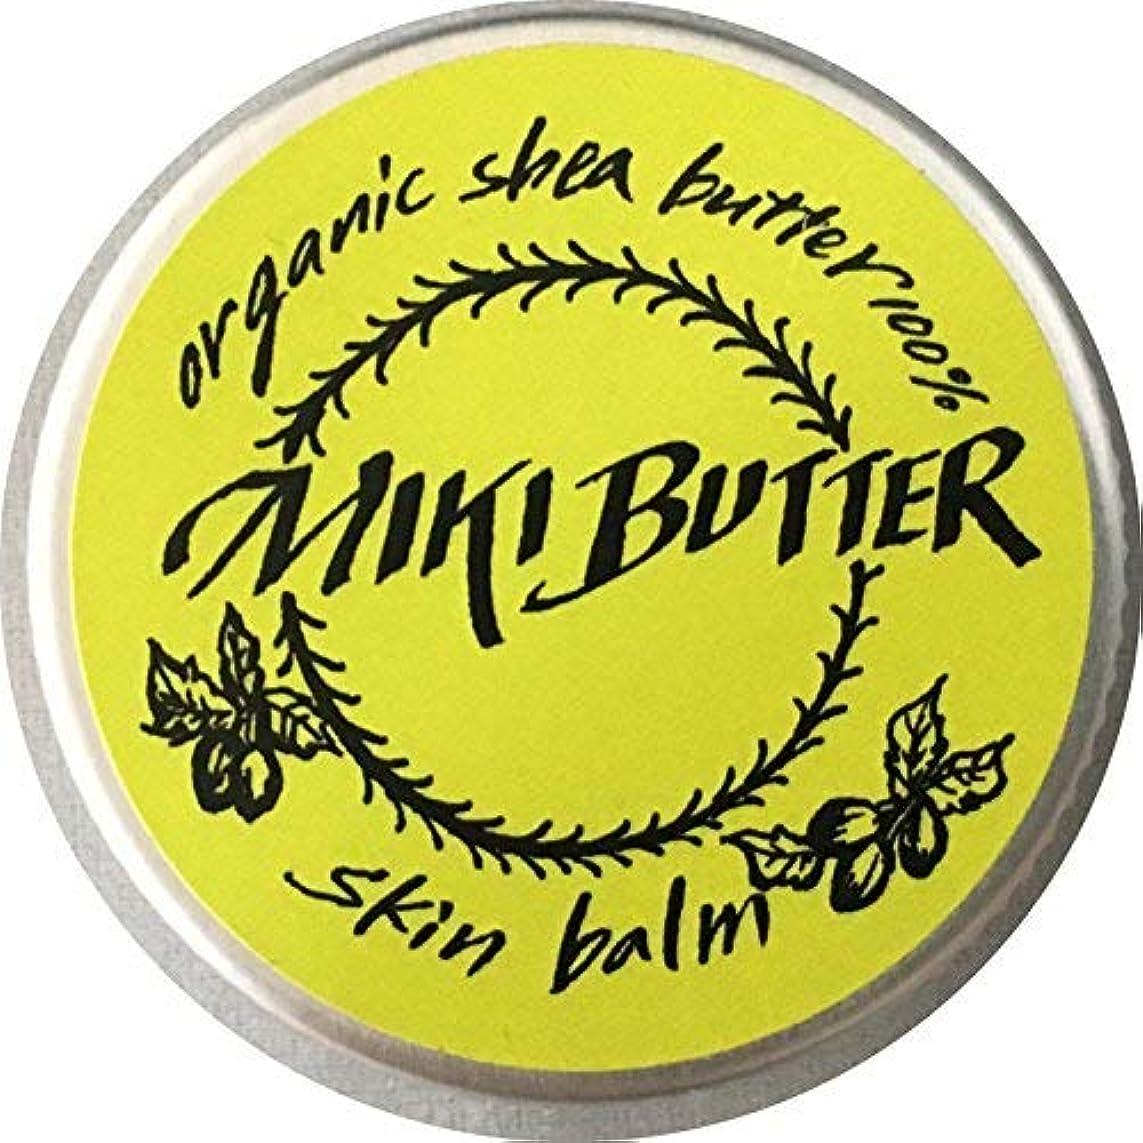 概要きらめき導入する100% 天然 未精製シアバター ミキバター (パール柑, 45)